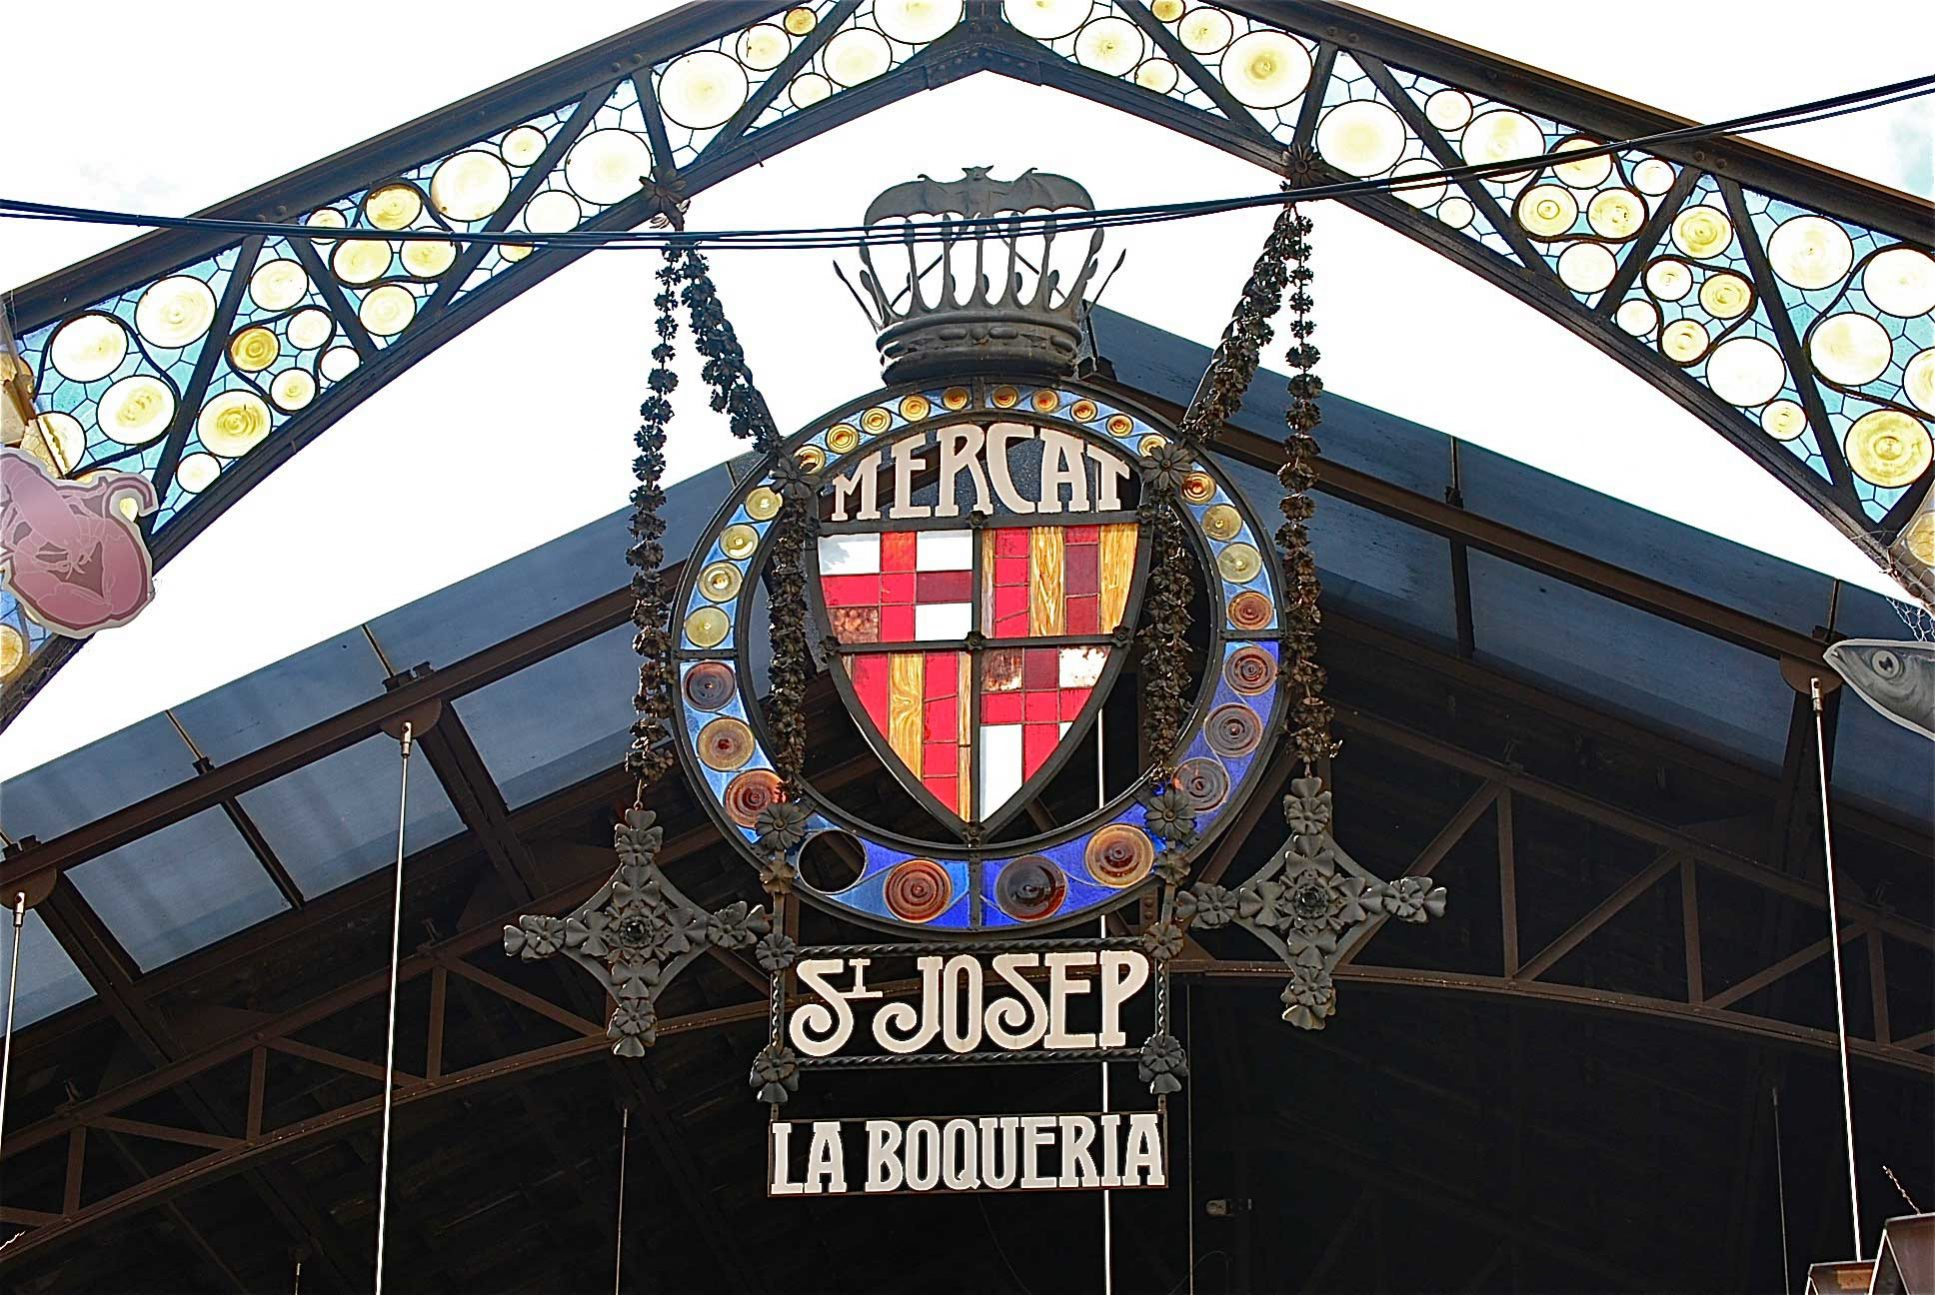 la-boqueria-mercato-barcellona-tour-italiano-consigli-cosa-vedere